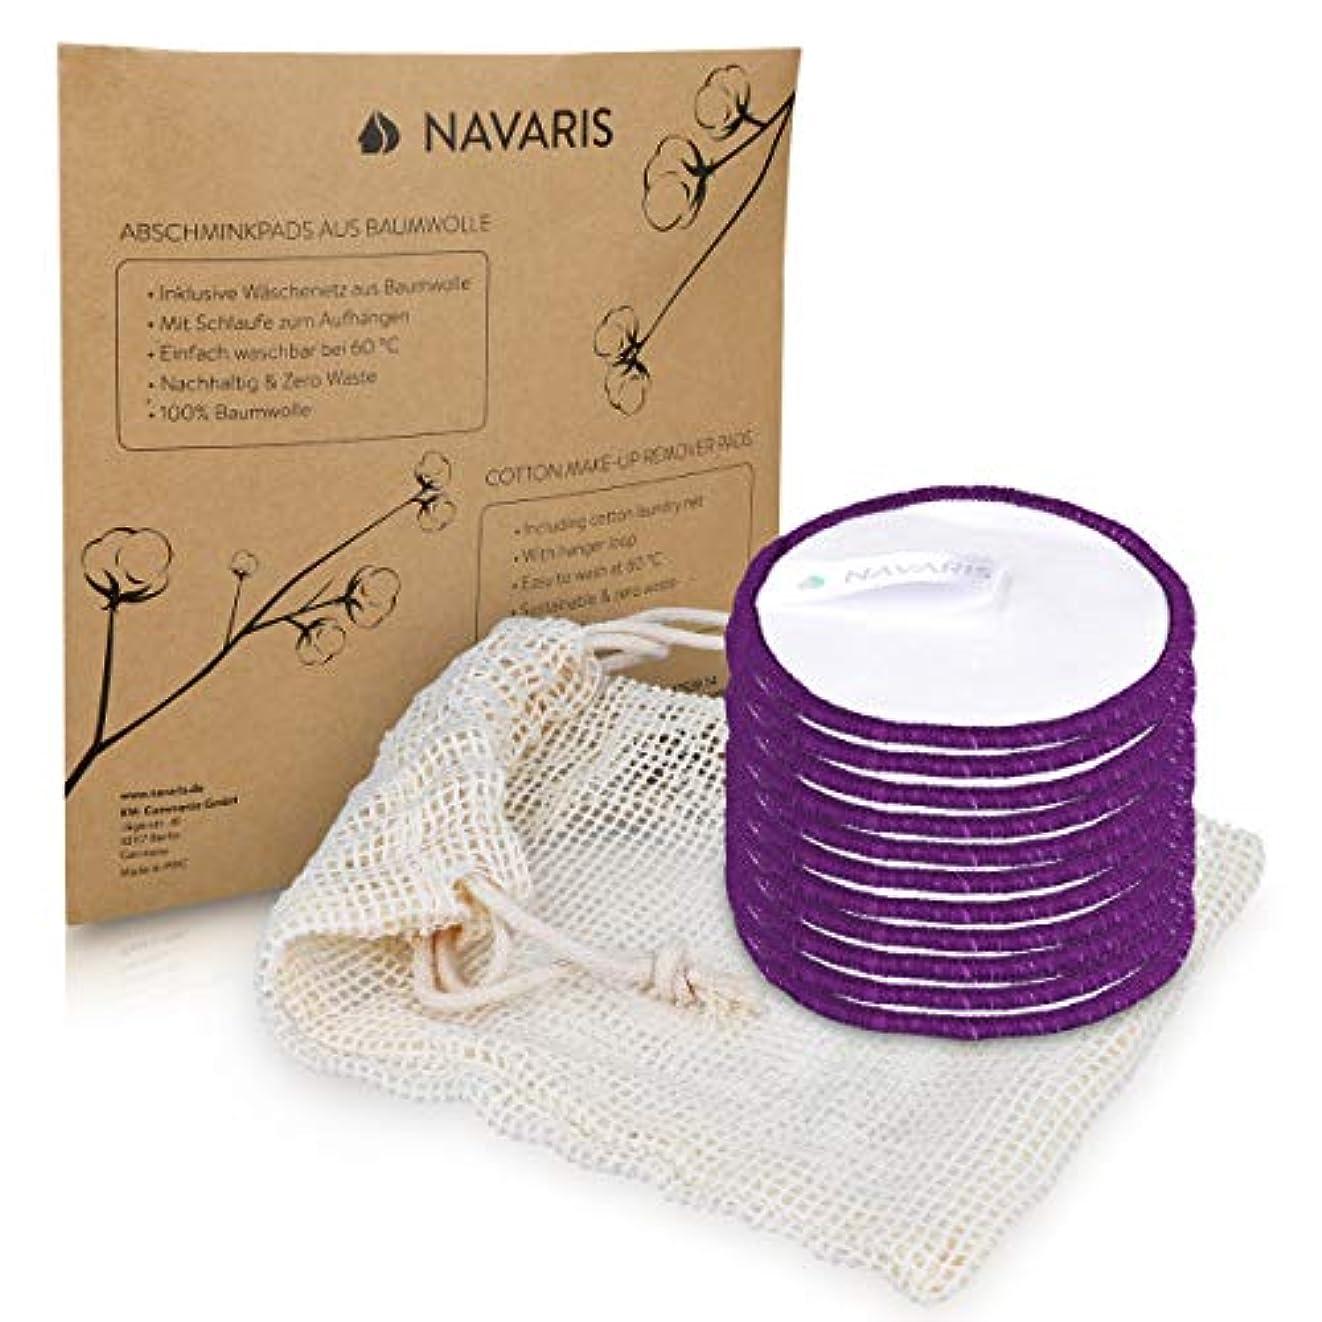 リール対称セーターNavaris メイク落とし パッド 14枚セット 再利用可 - コットン パッド 化粧落とし 拭き取り化粧水 肌に優しい - フェイシャルシート 洗濯ネット付き